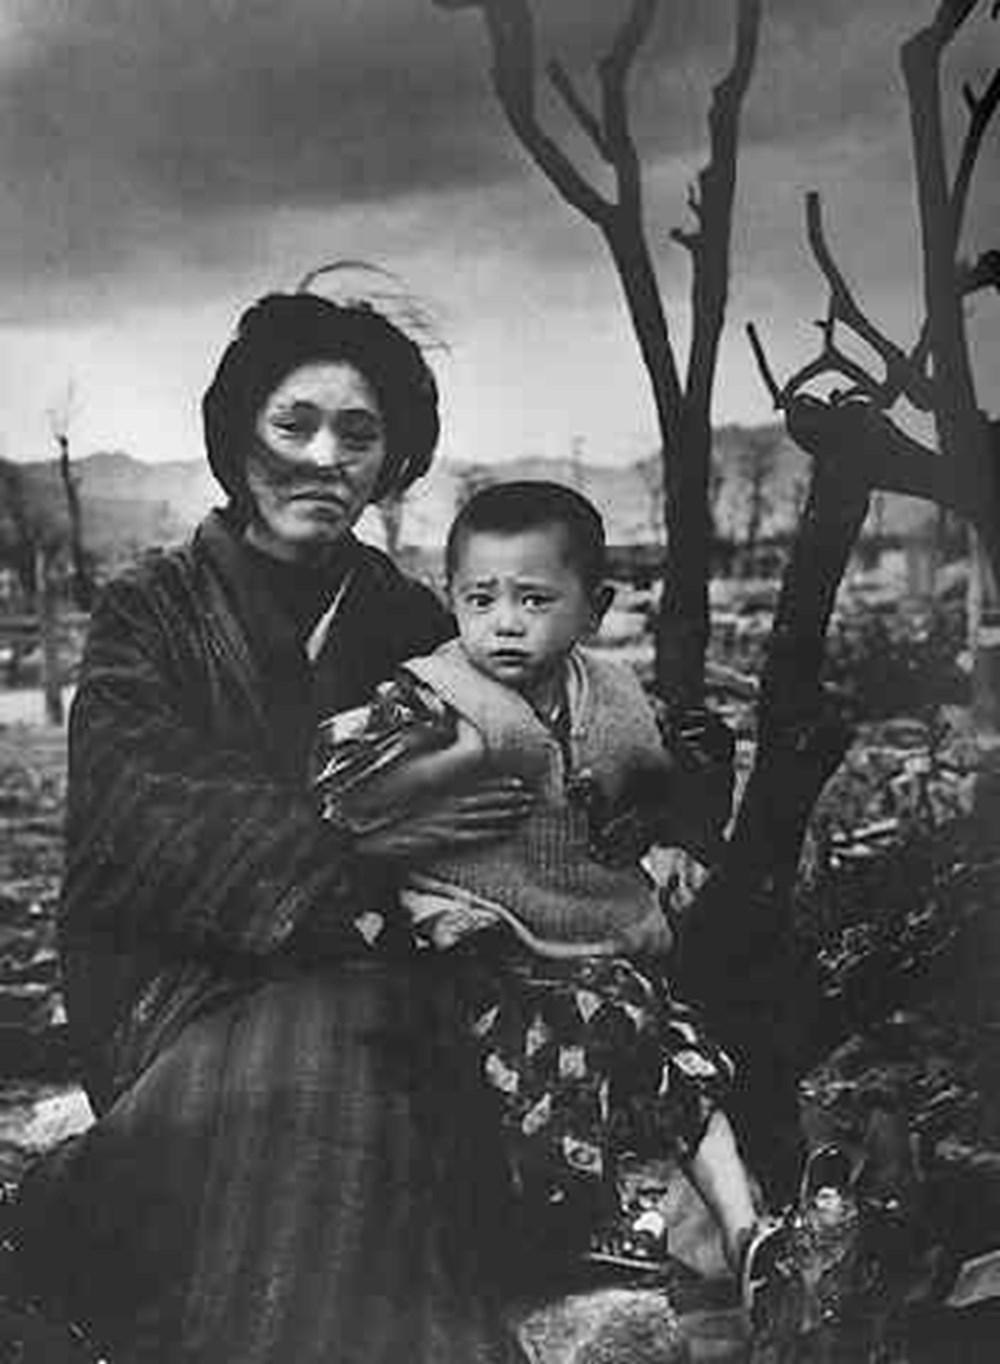 İnsanlığın kaybettiği yer: Hiroşima - 14